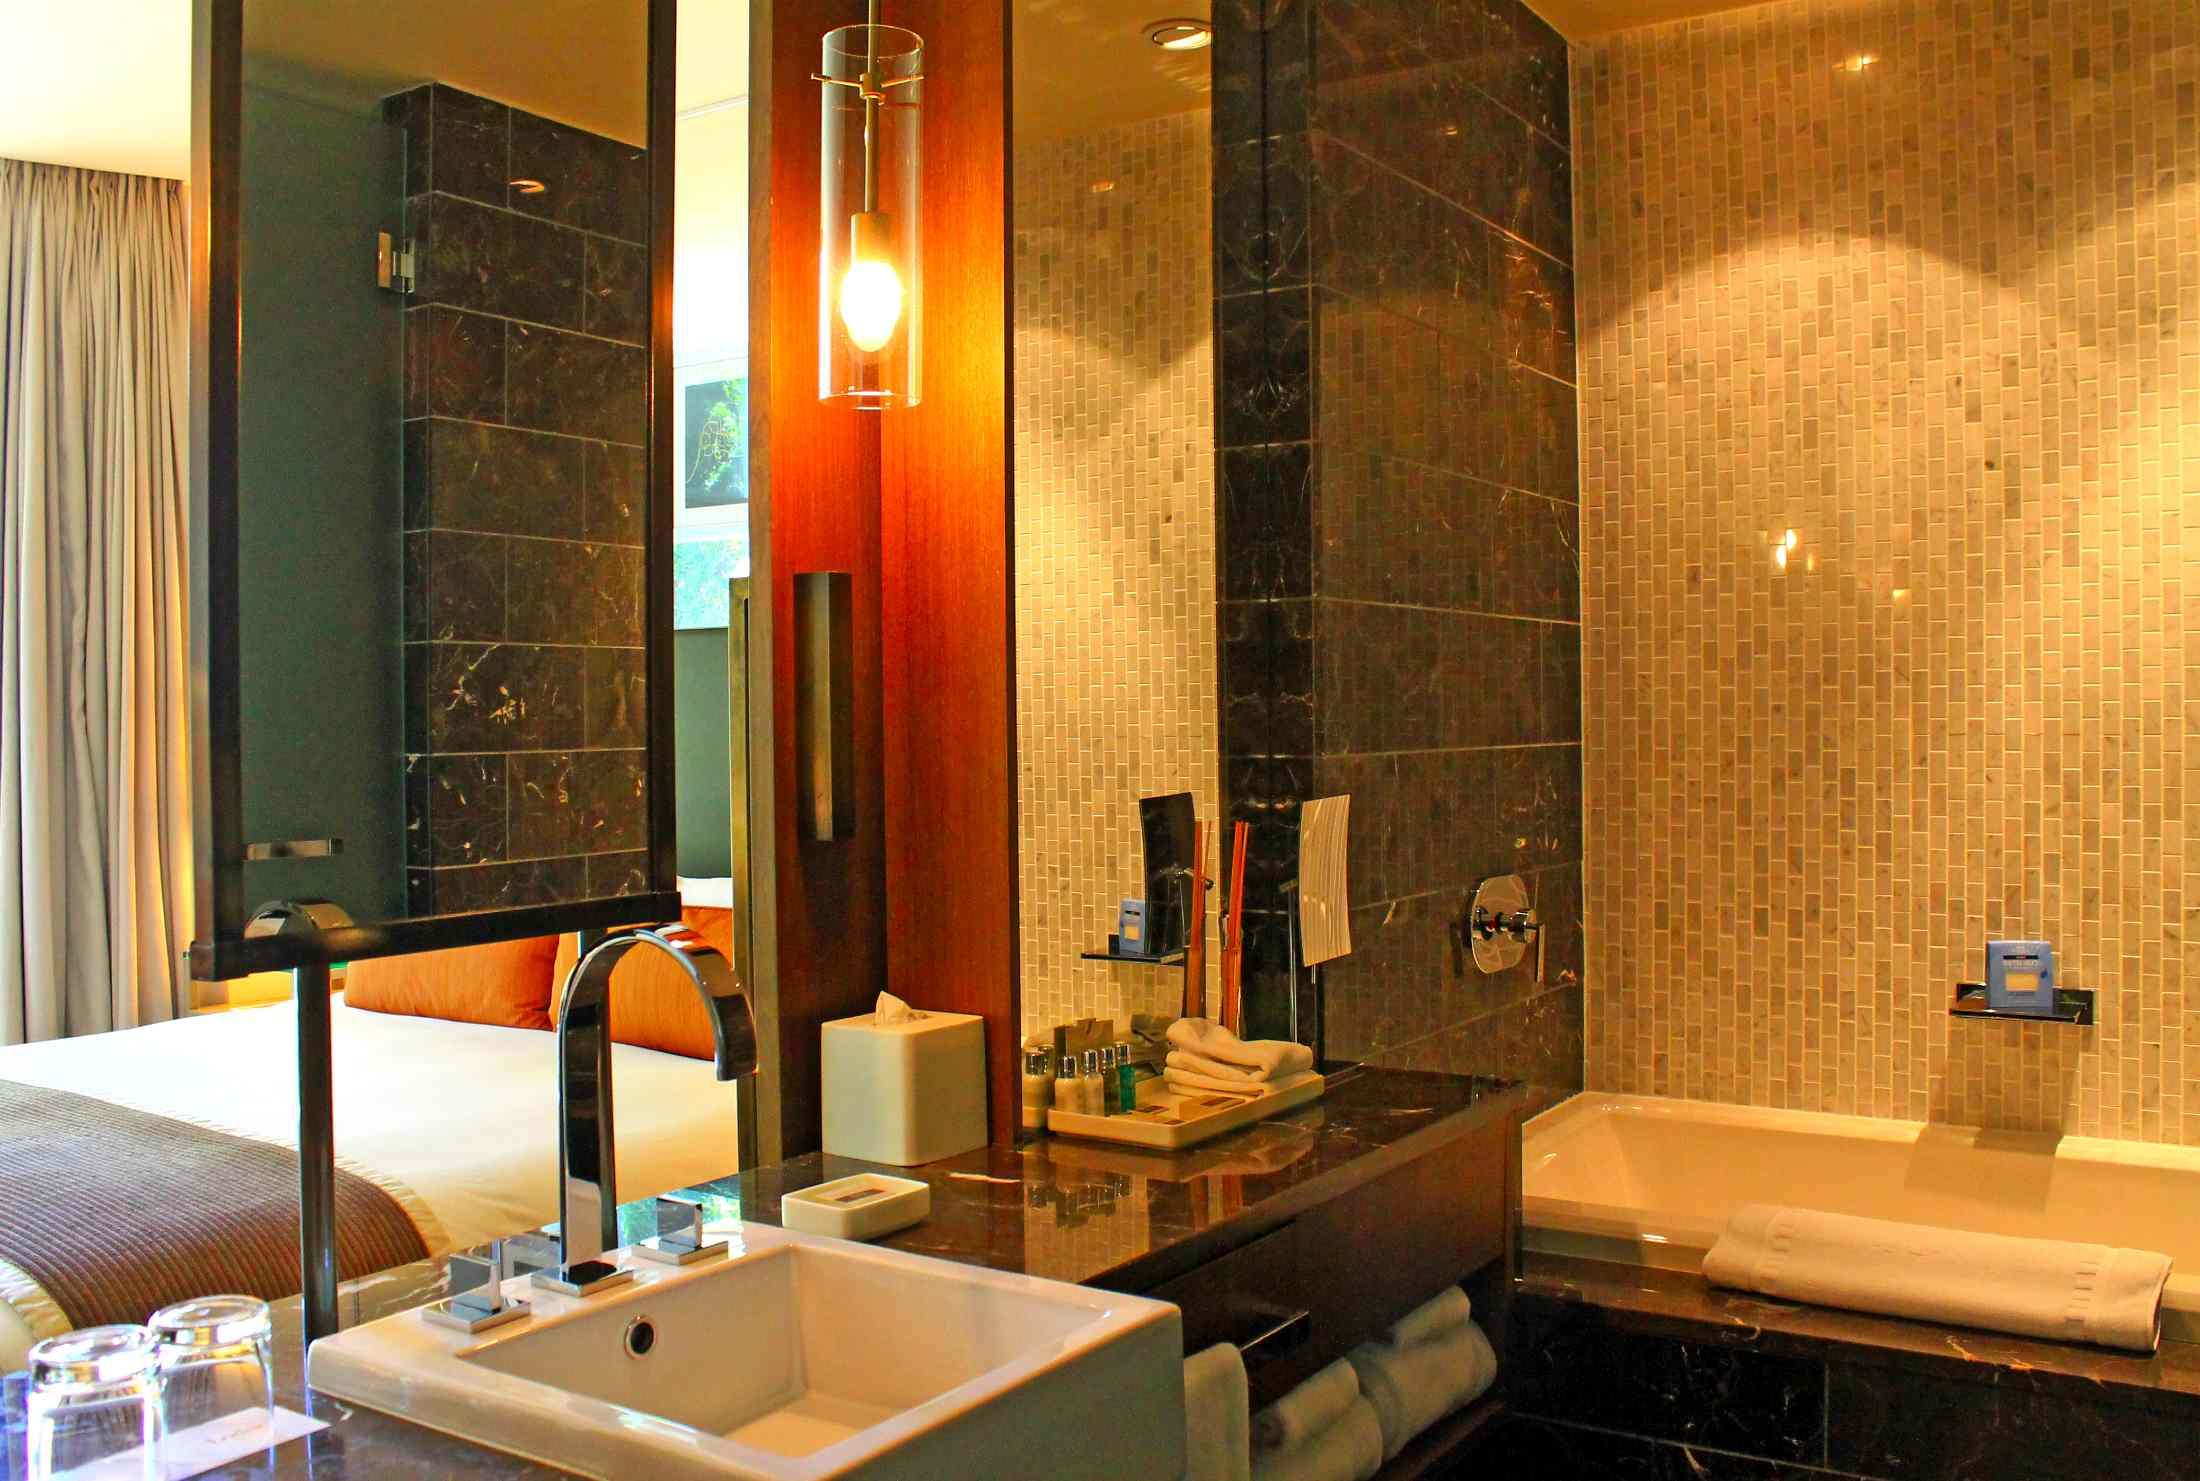 Loden Hotel - Focal Journey (by Gustavo Espinola)